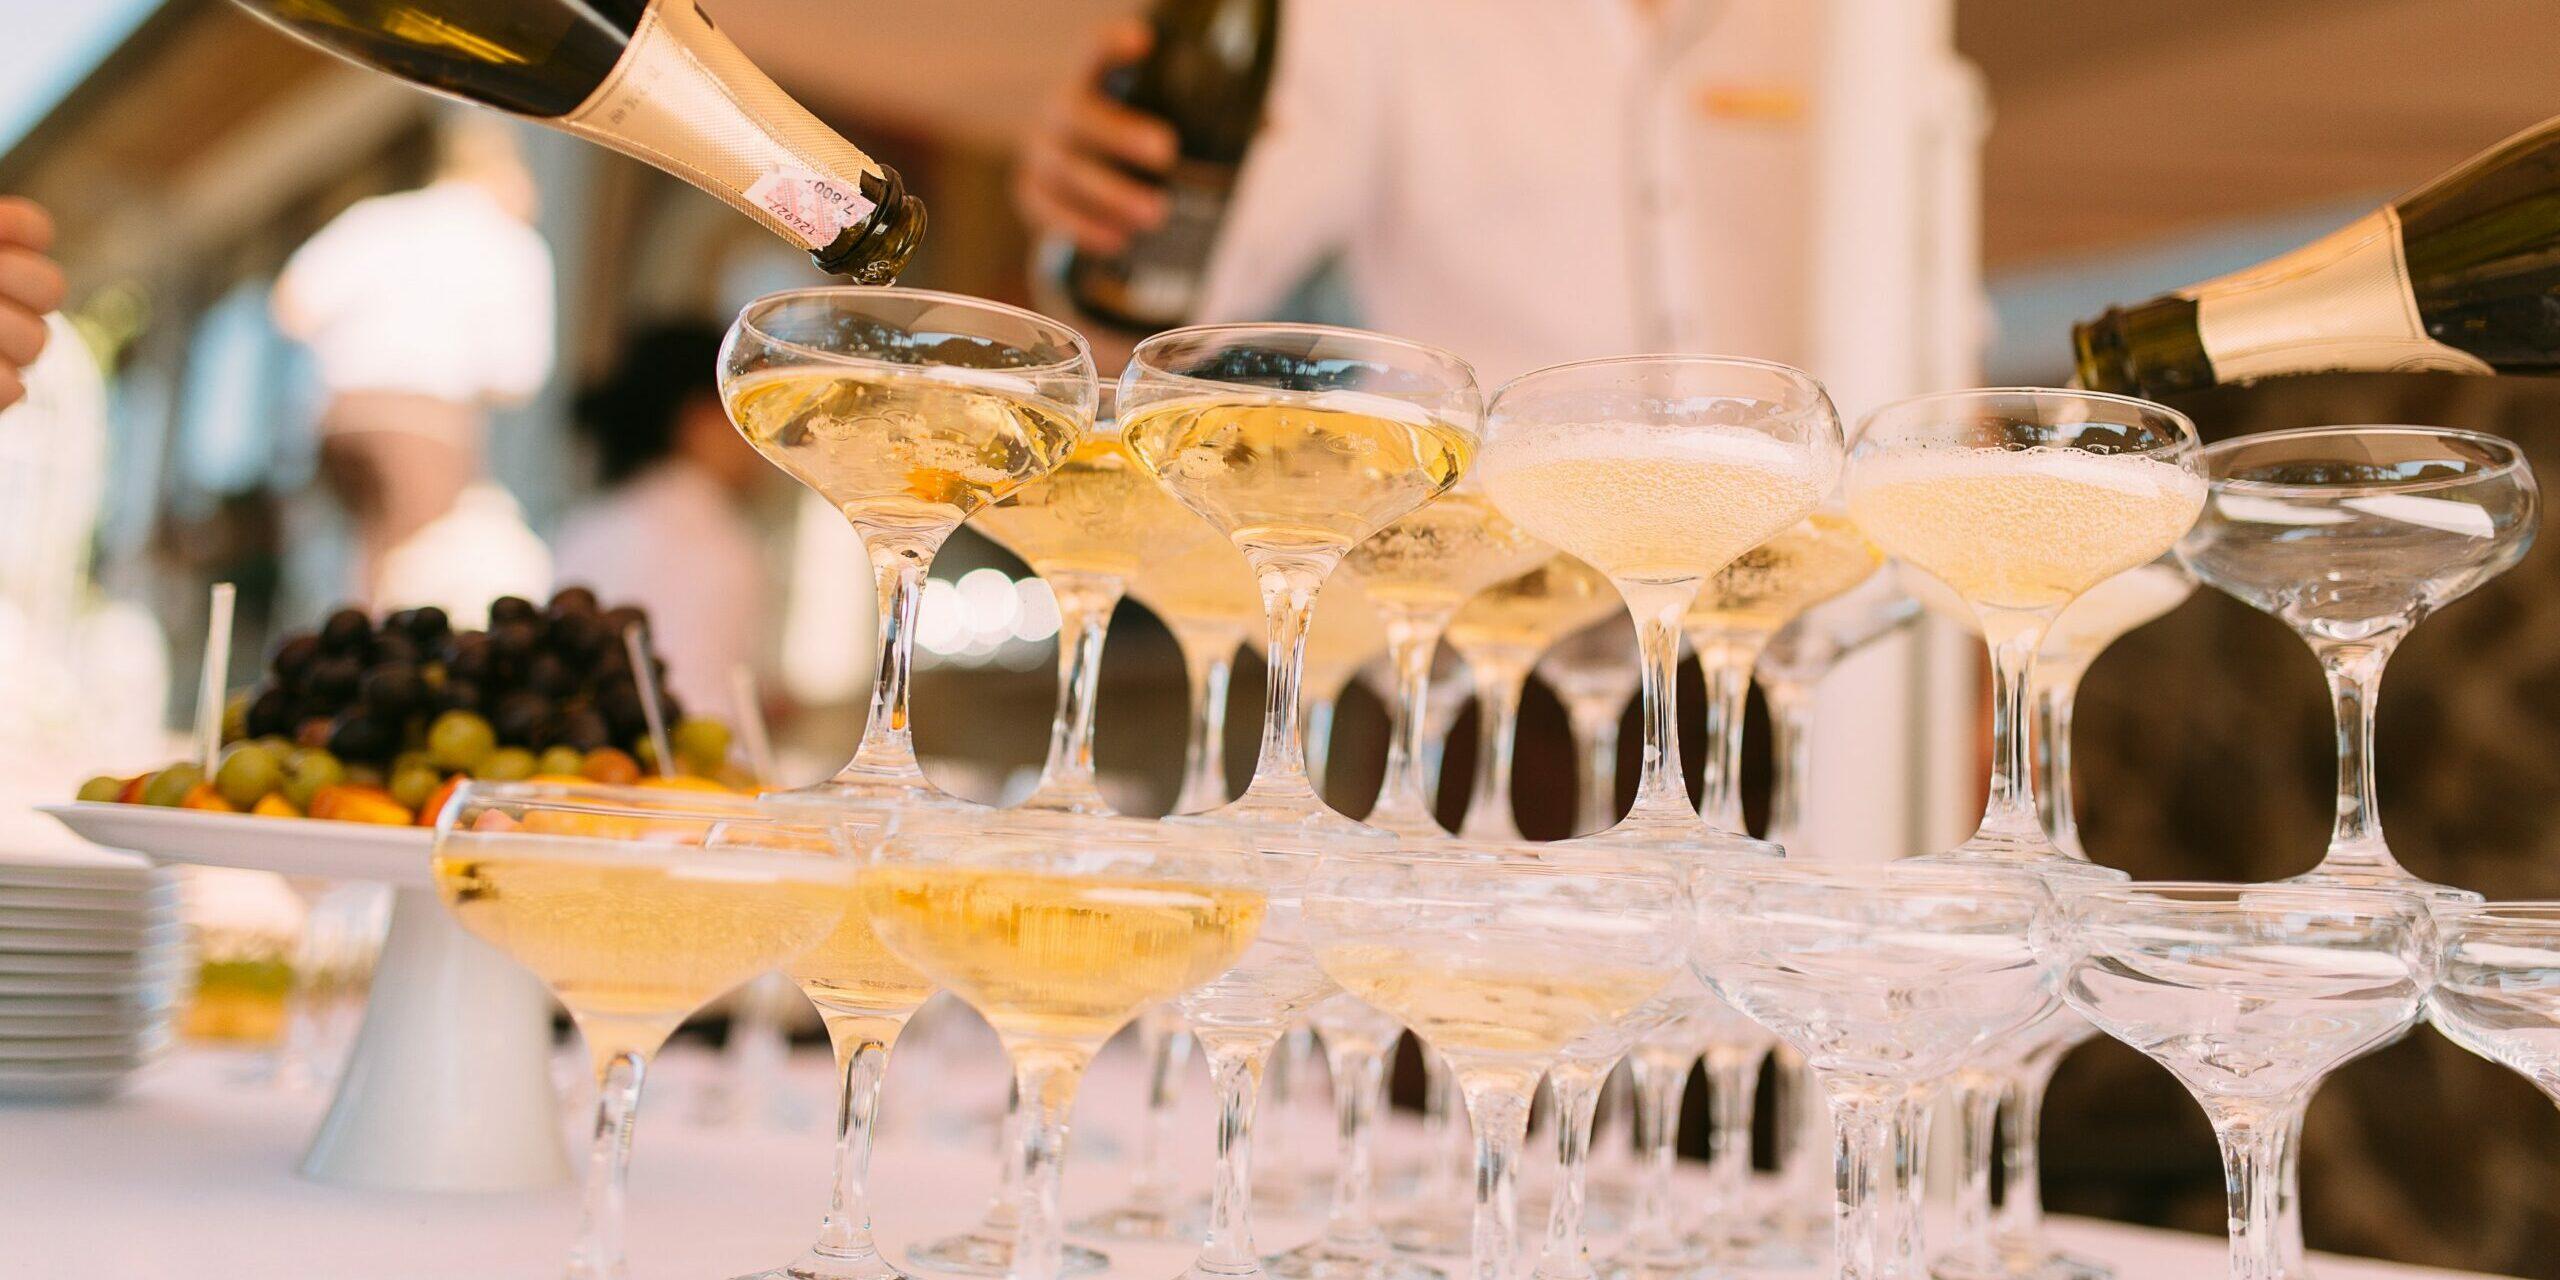 Proosten op de bruiloft   7 ideeën om de toast iets extra's te geven